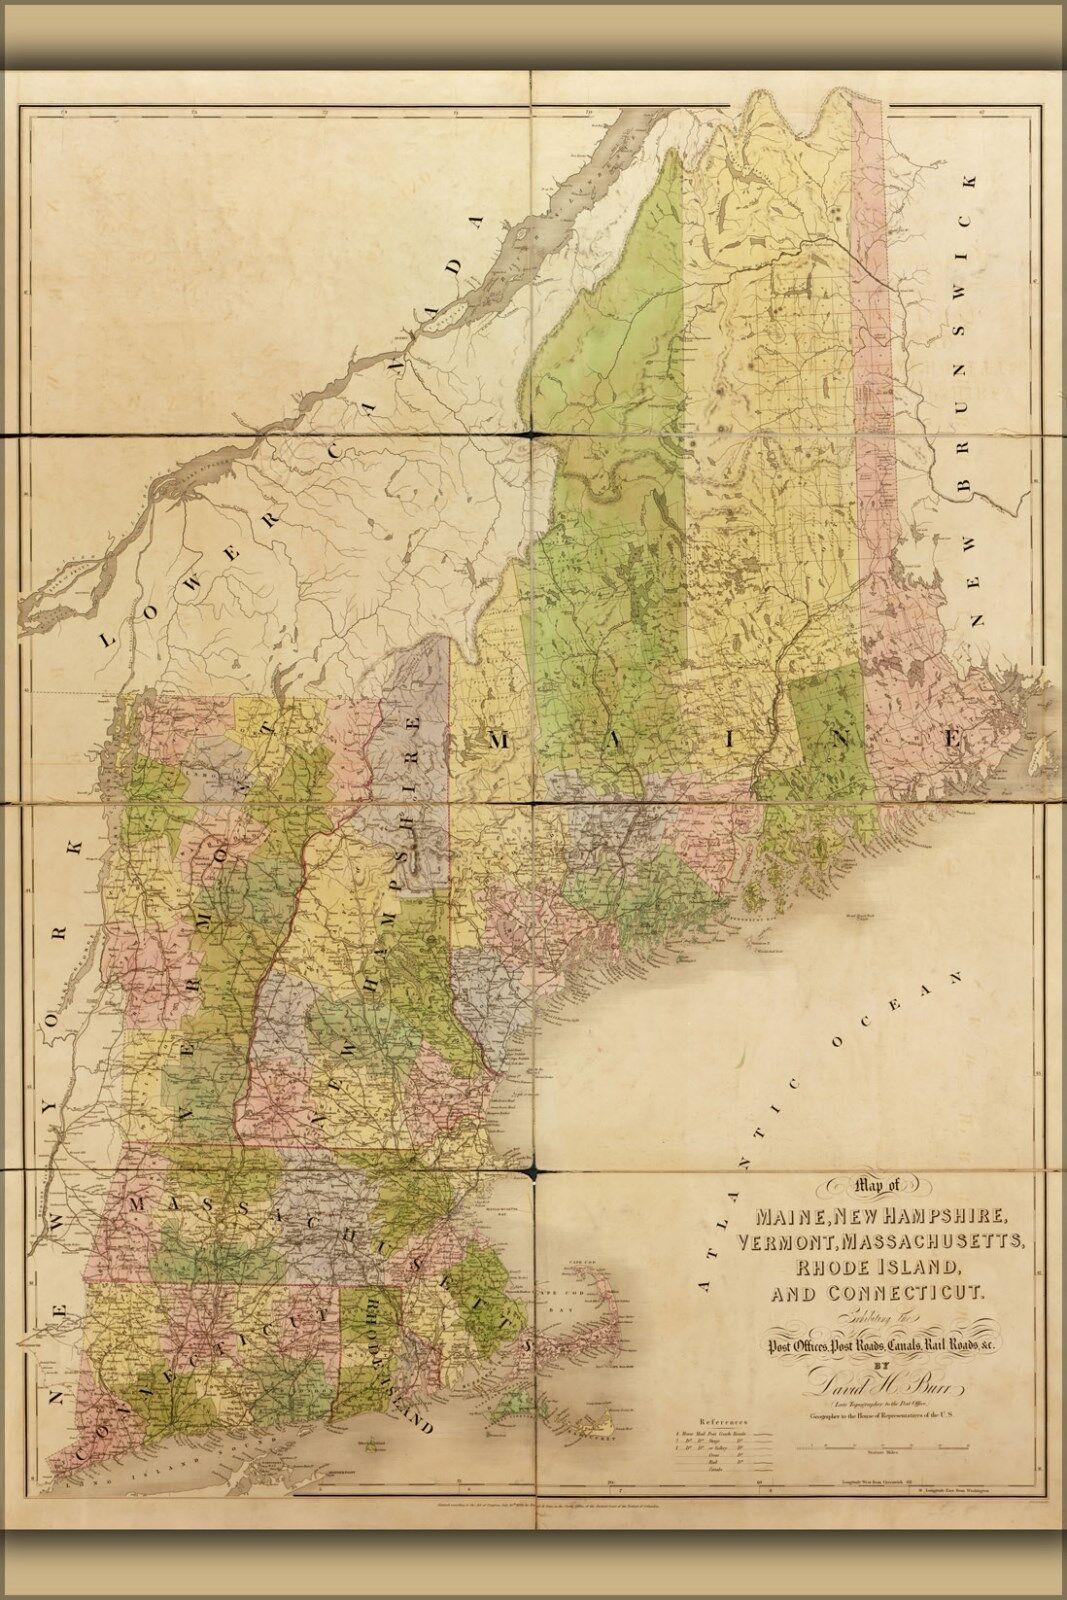 Plakat, Viele Größen; Karte von Maine, Neu Hampsire, Massachusetts 1839